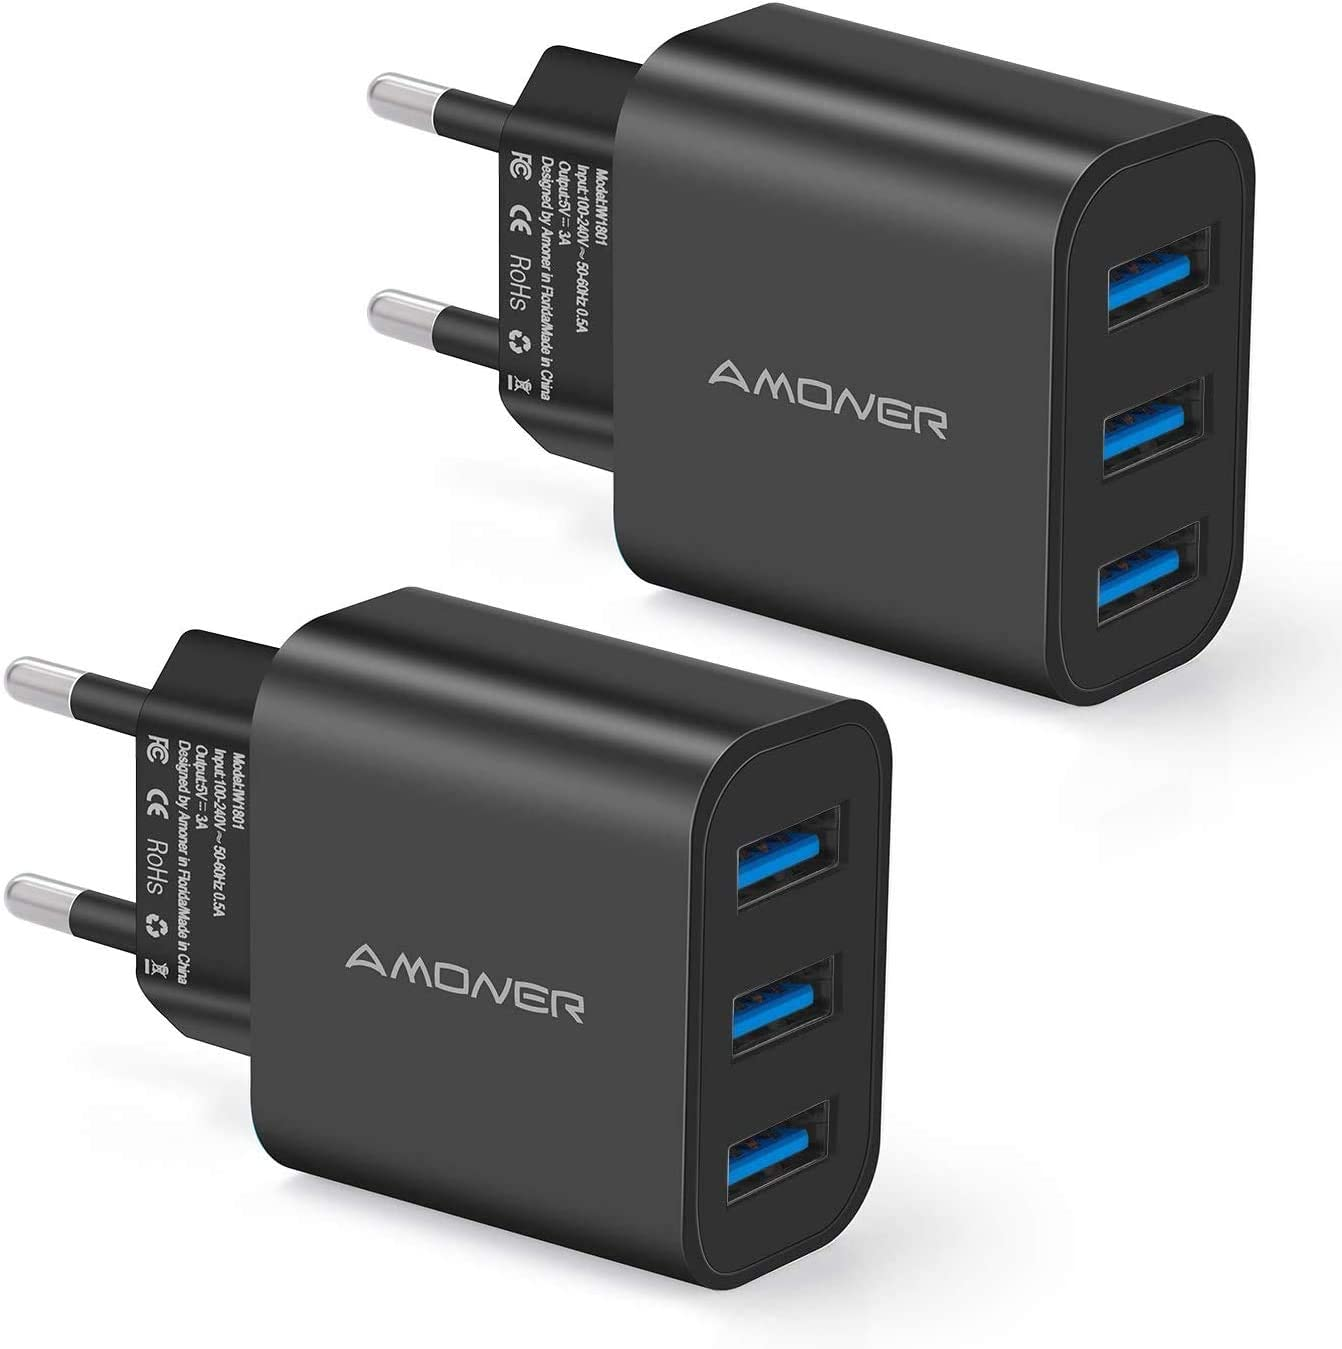 Amoner Cargador USB de Pared con 3 Puertos Cargador USB 3A Una Corriente Máxima de 2,4A Cargador Móvil para Todos Los Tipos de Celular 2 Packs (Negro)